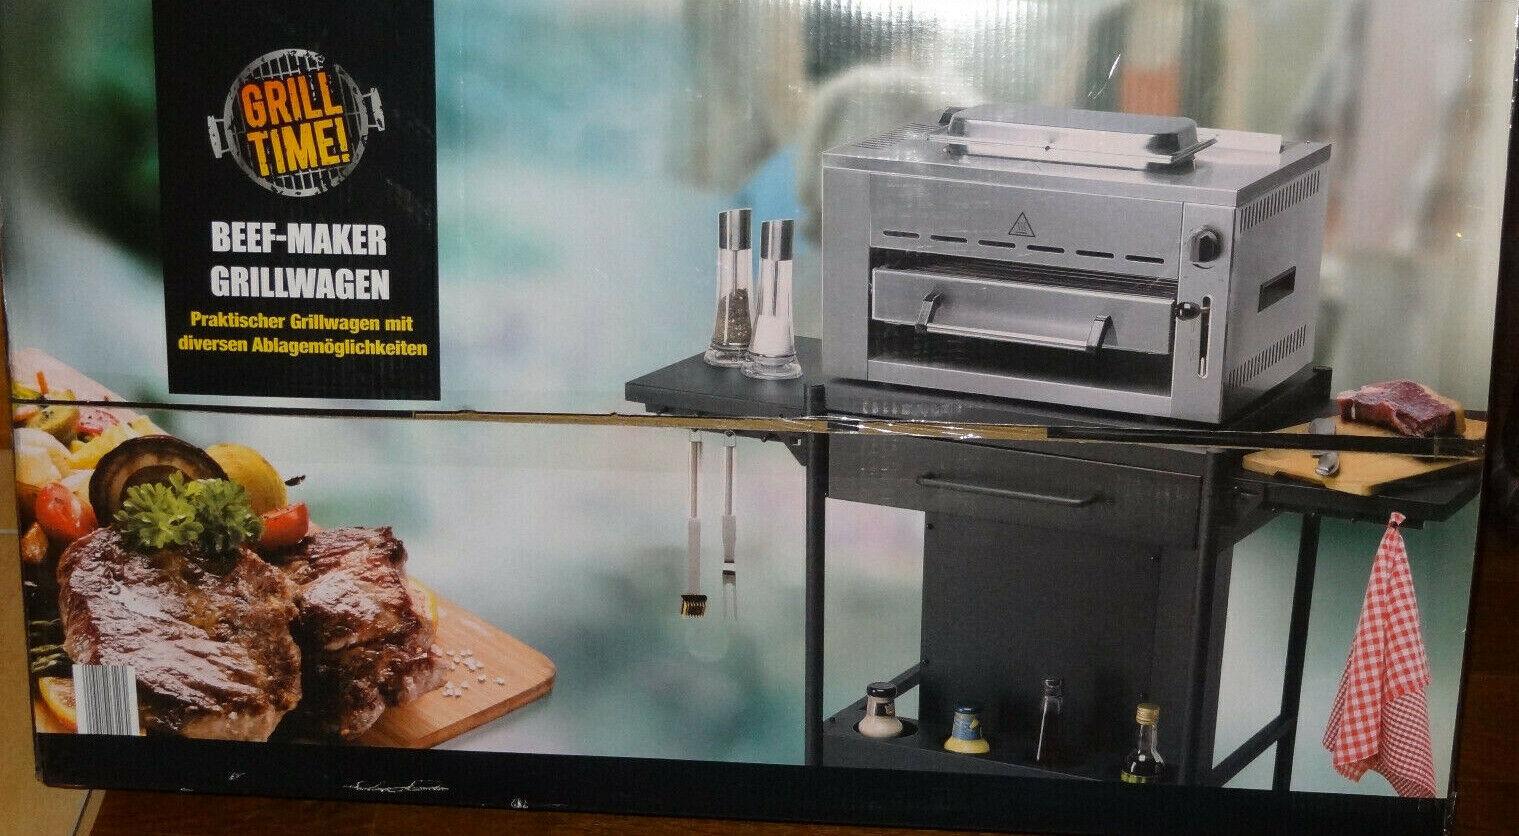 Grillwagen für Beef Maker PRO  mit diversen Ablagemöglichkeiten / Grill Time